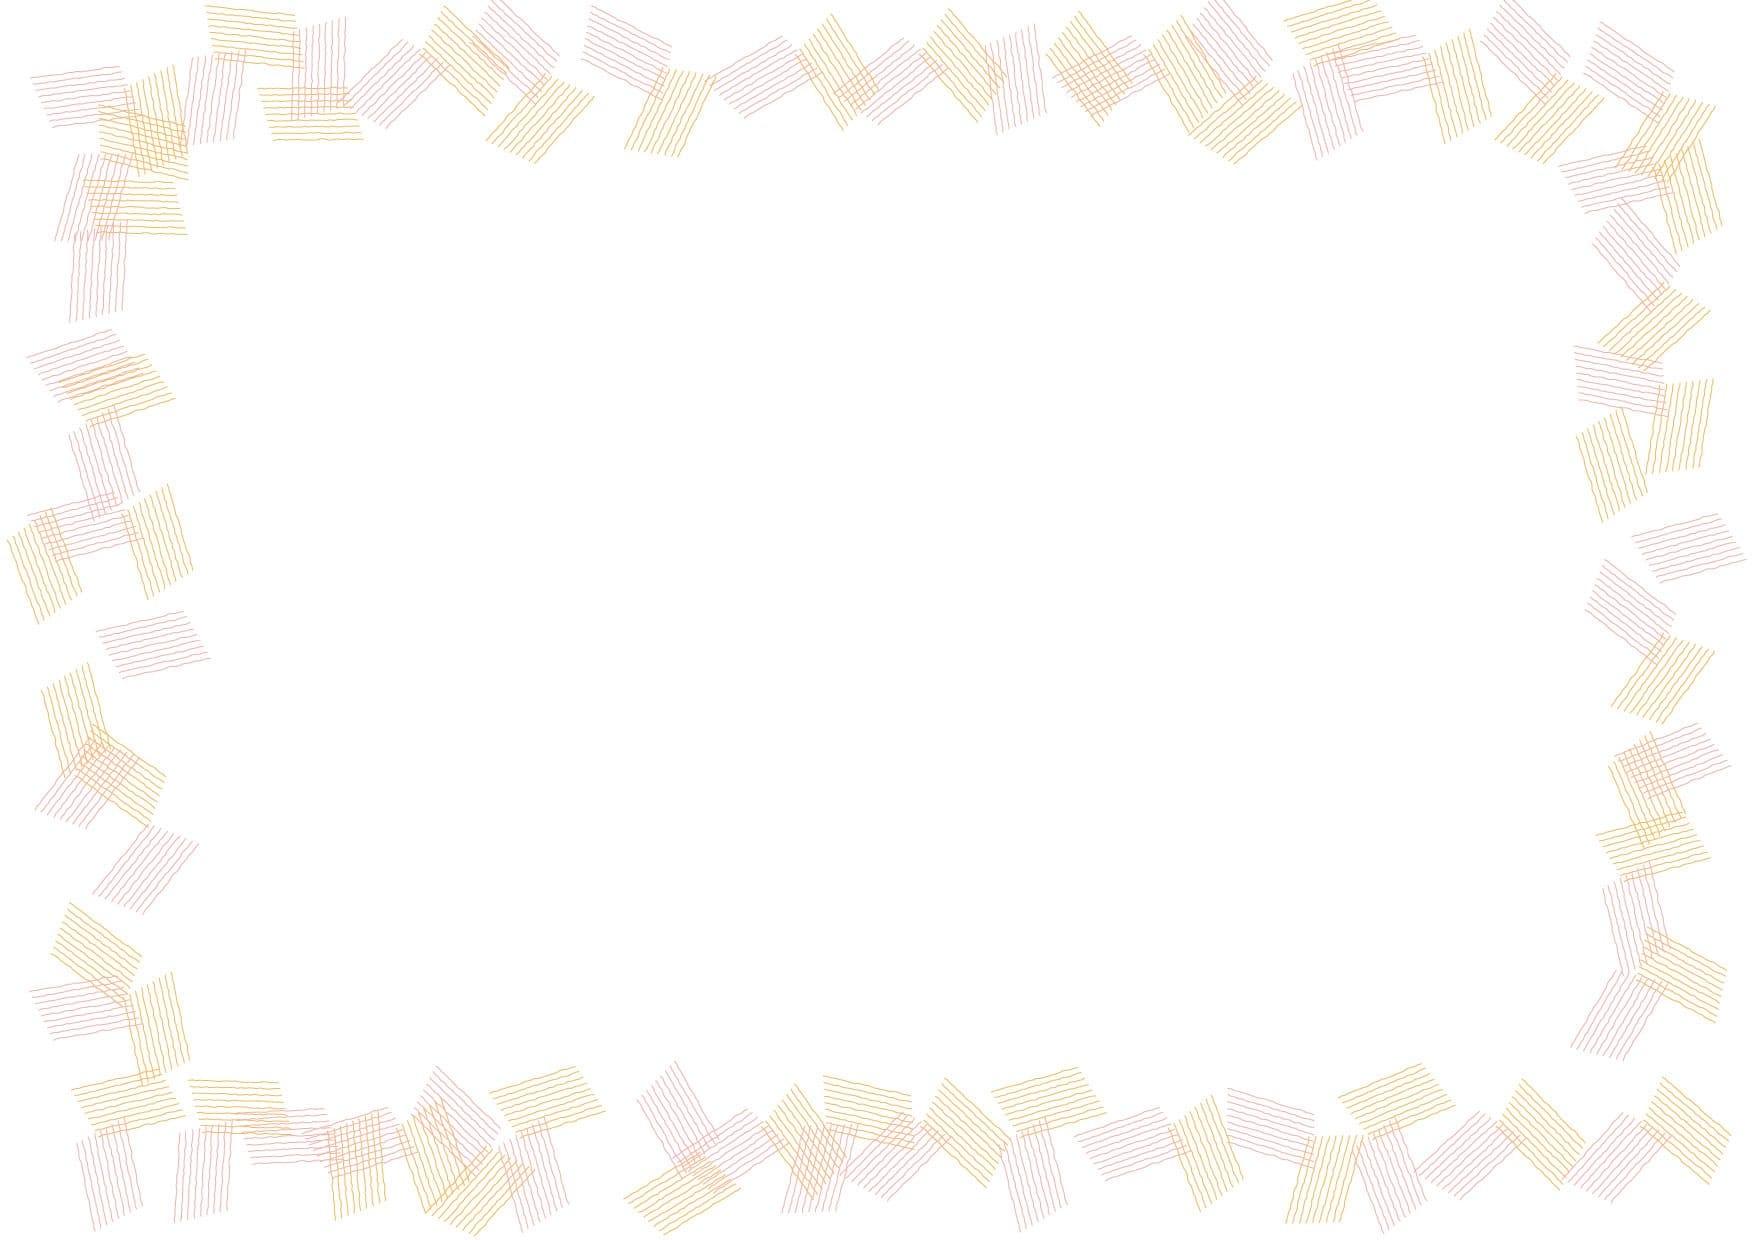 背景 シンプル フレーム オレンジ色 イラスト 無料